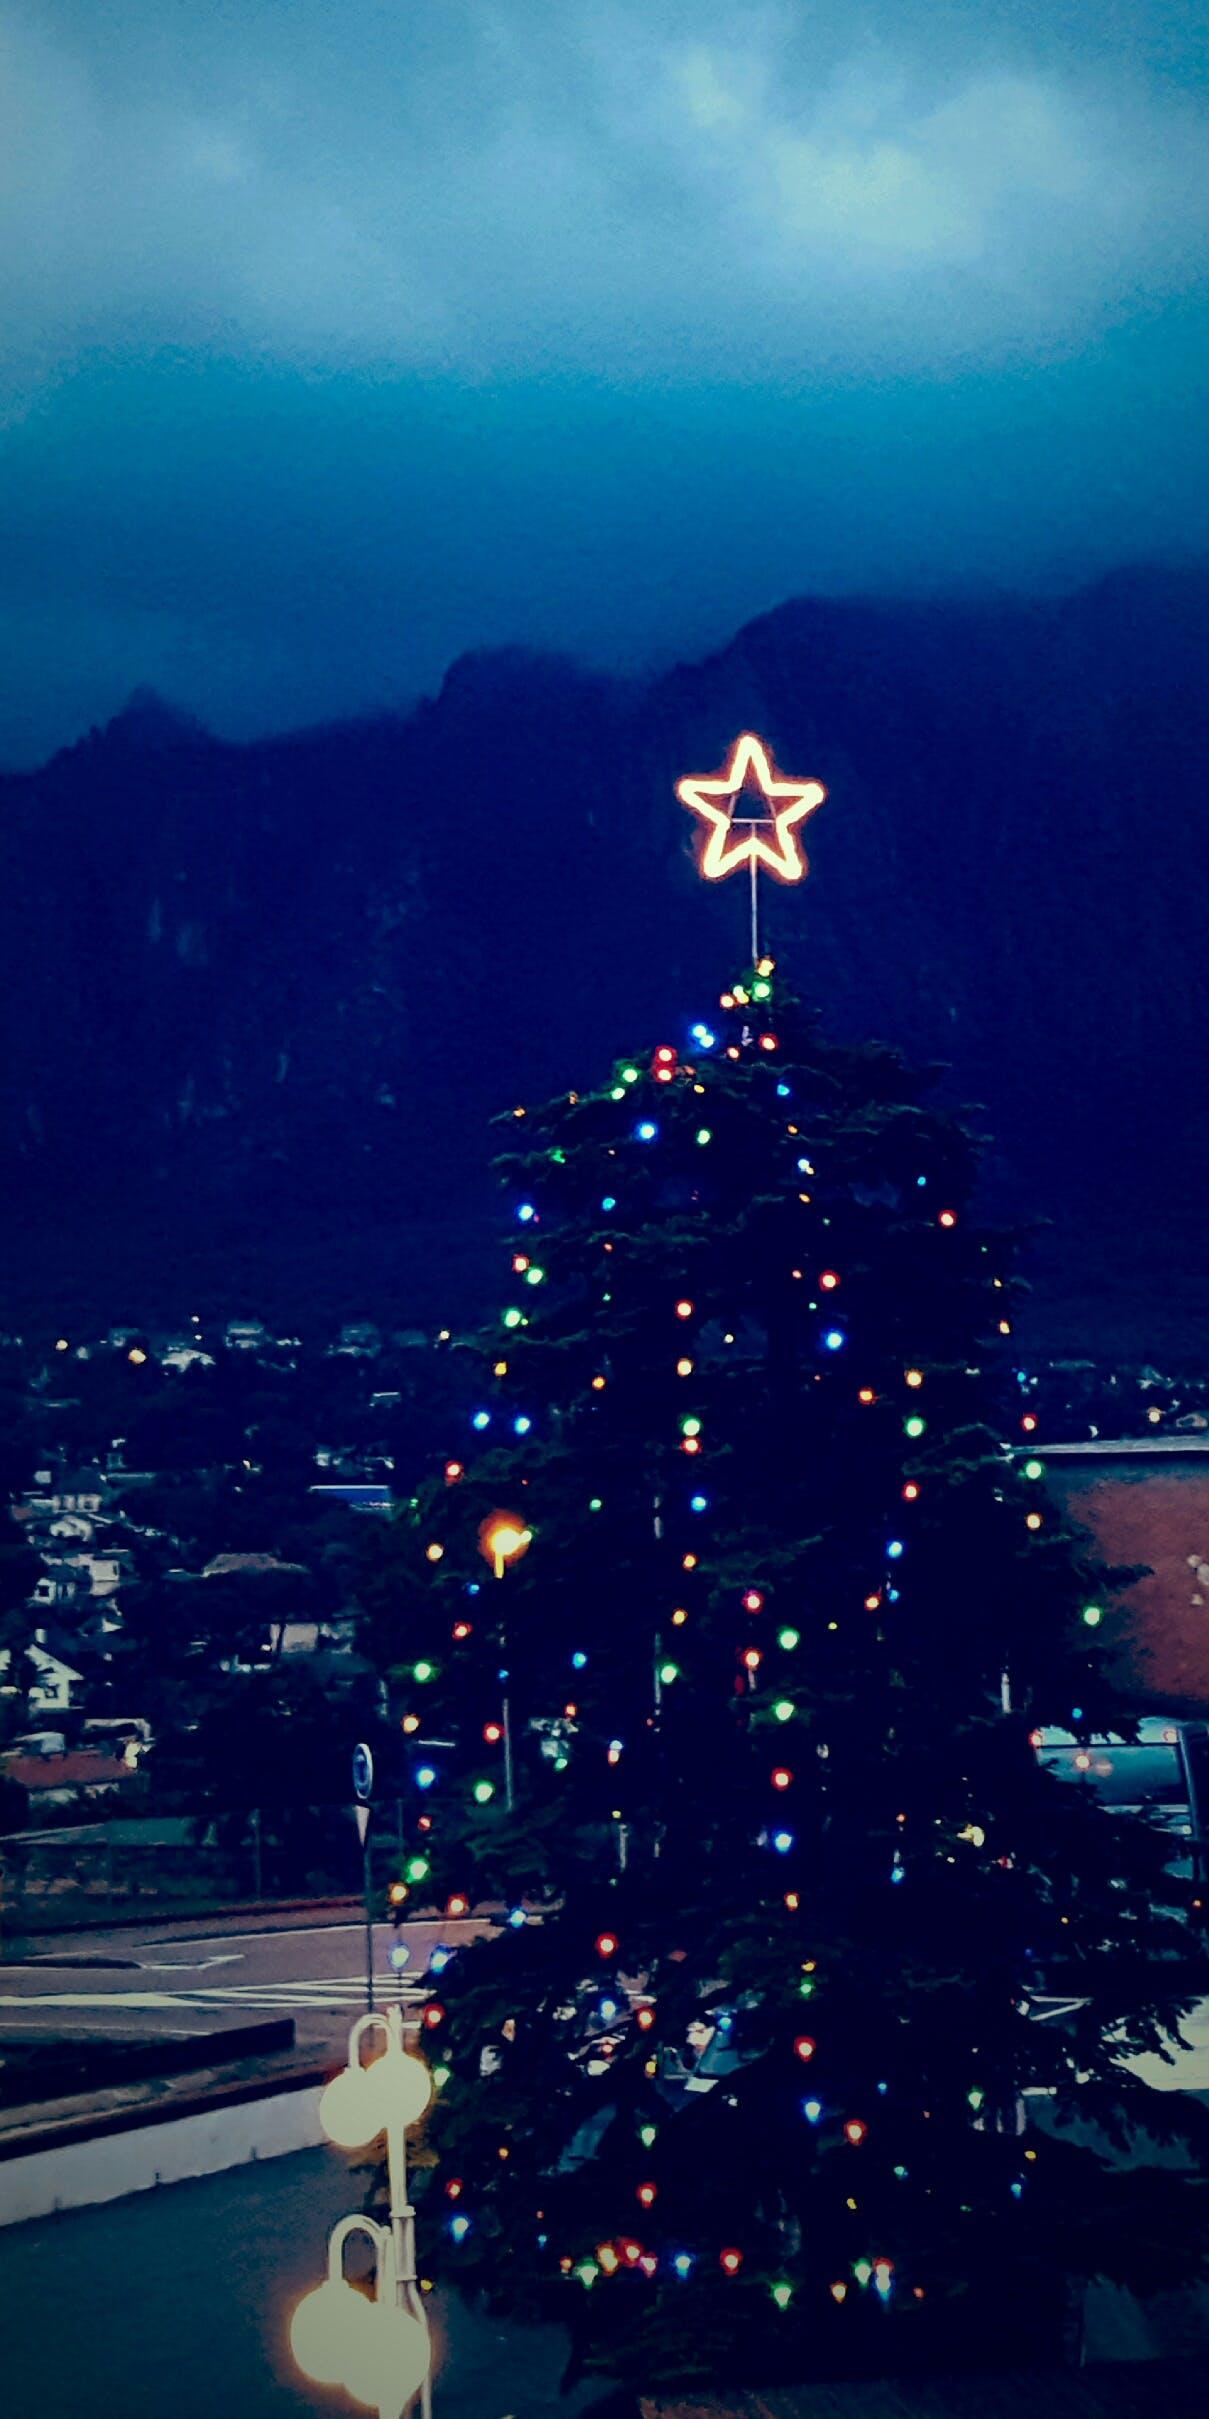 Christmas Tree during Nightime